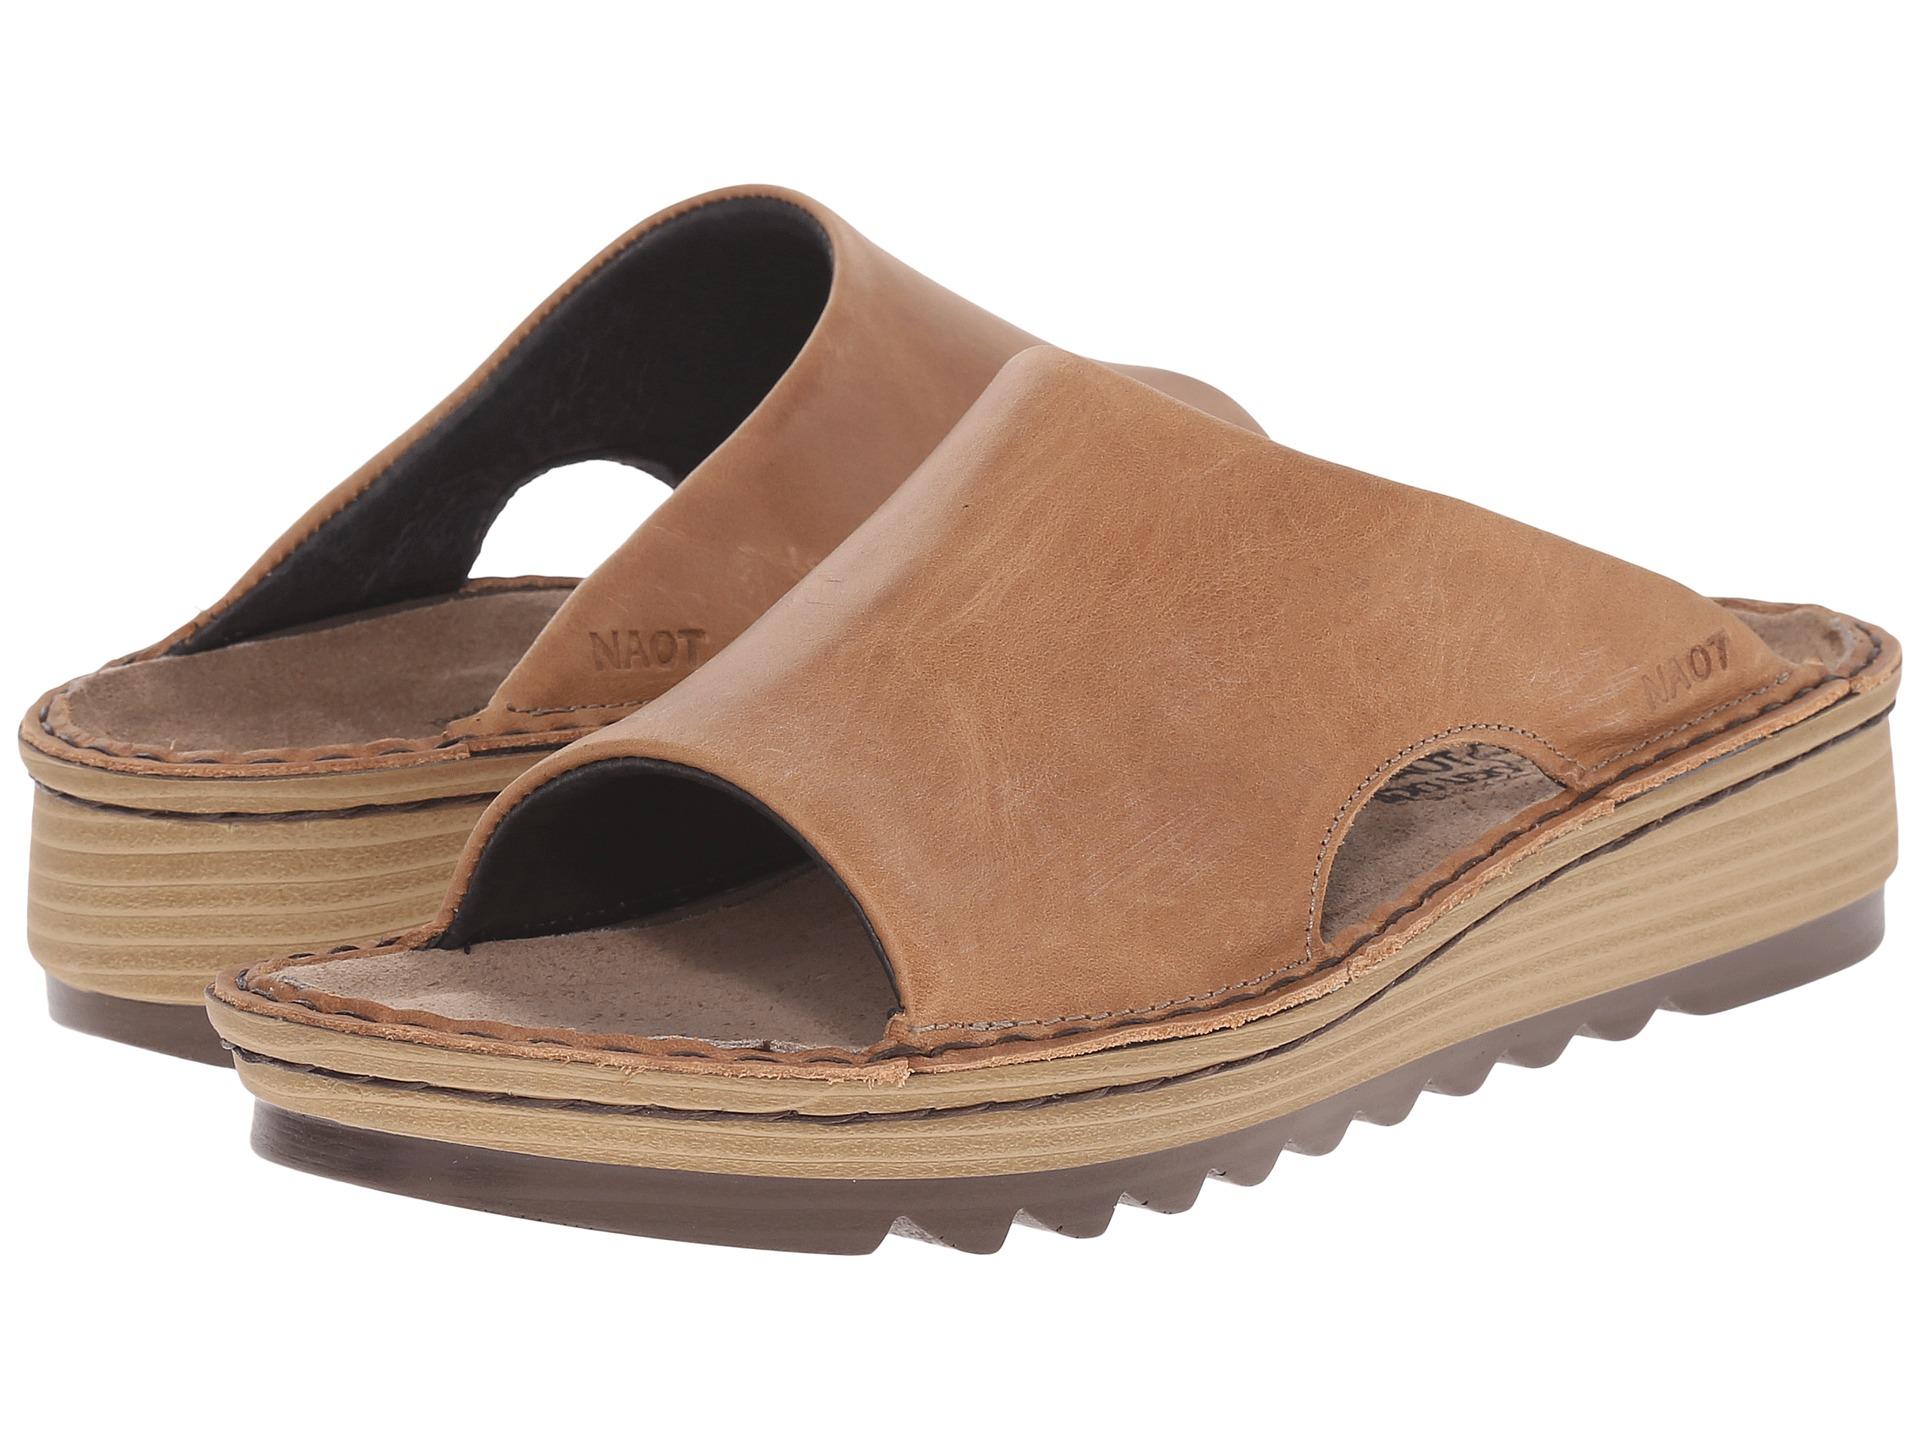 Naot Footwear Ardisia At Zappos Com